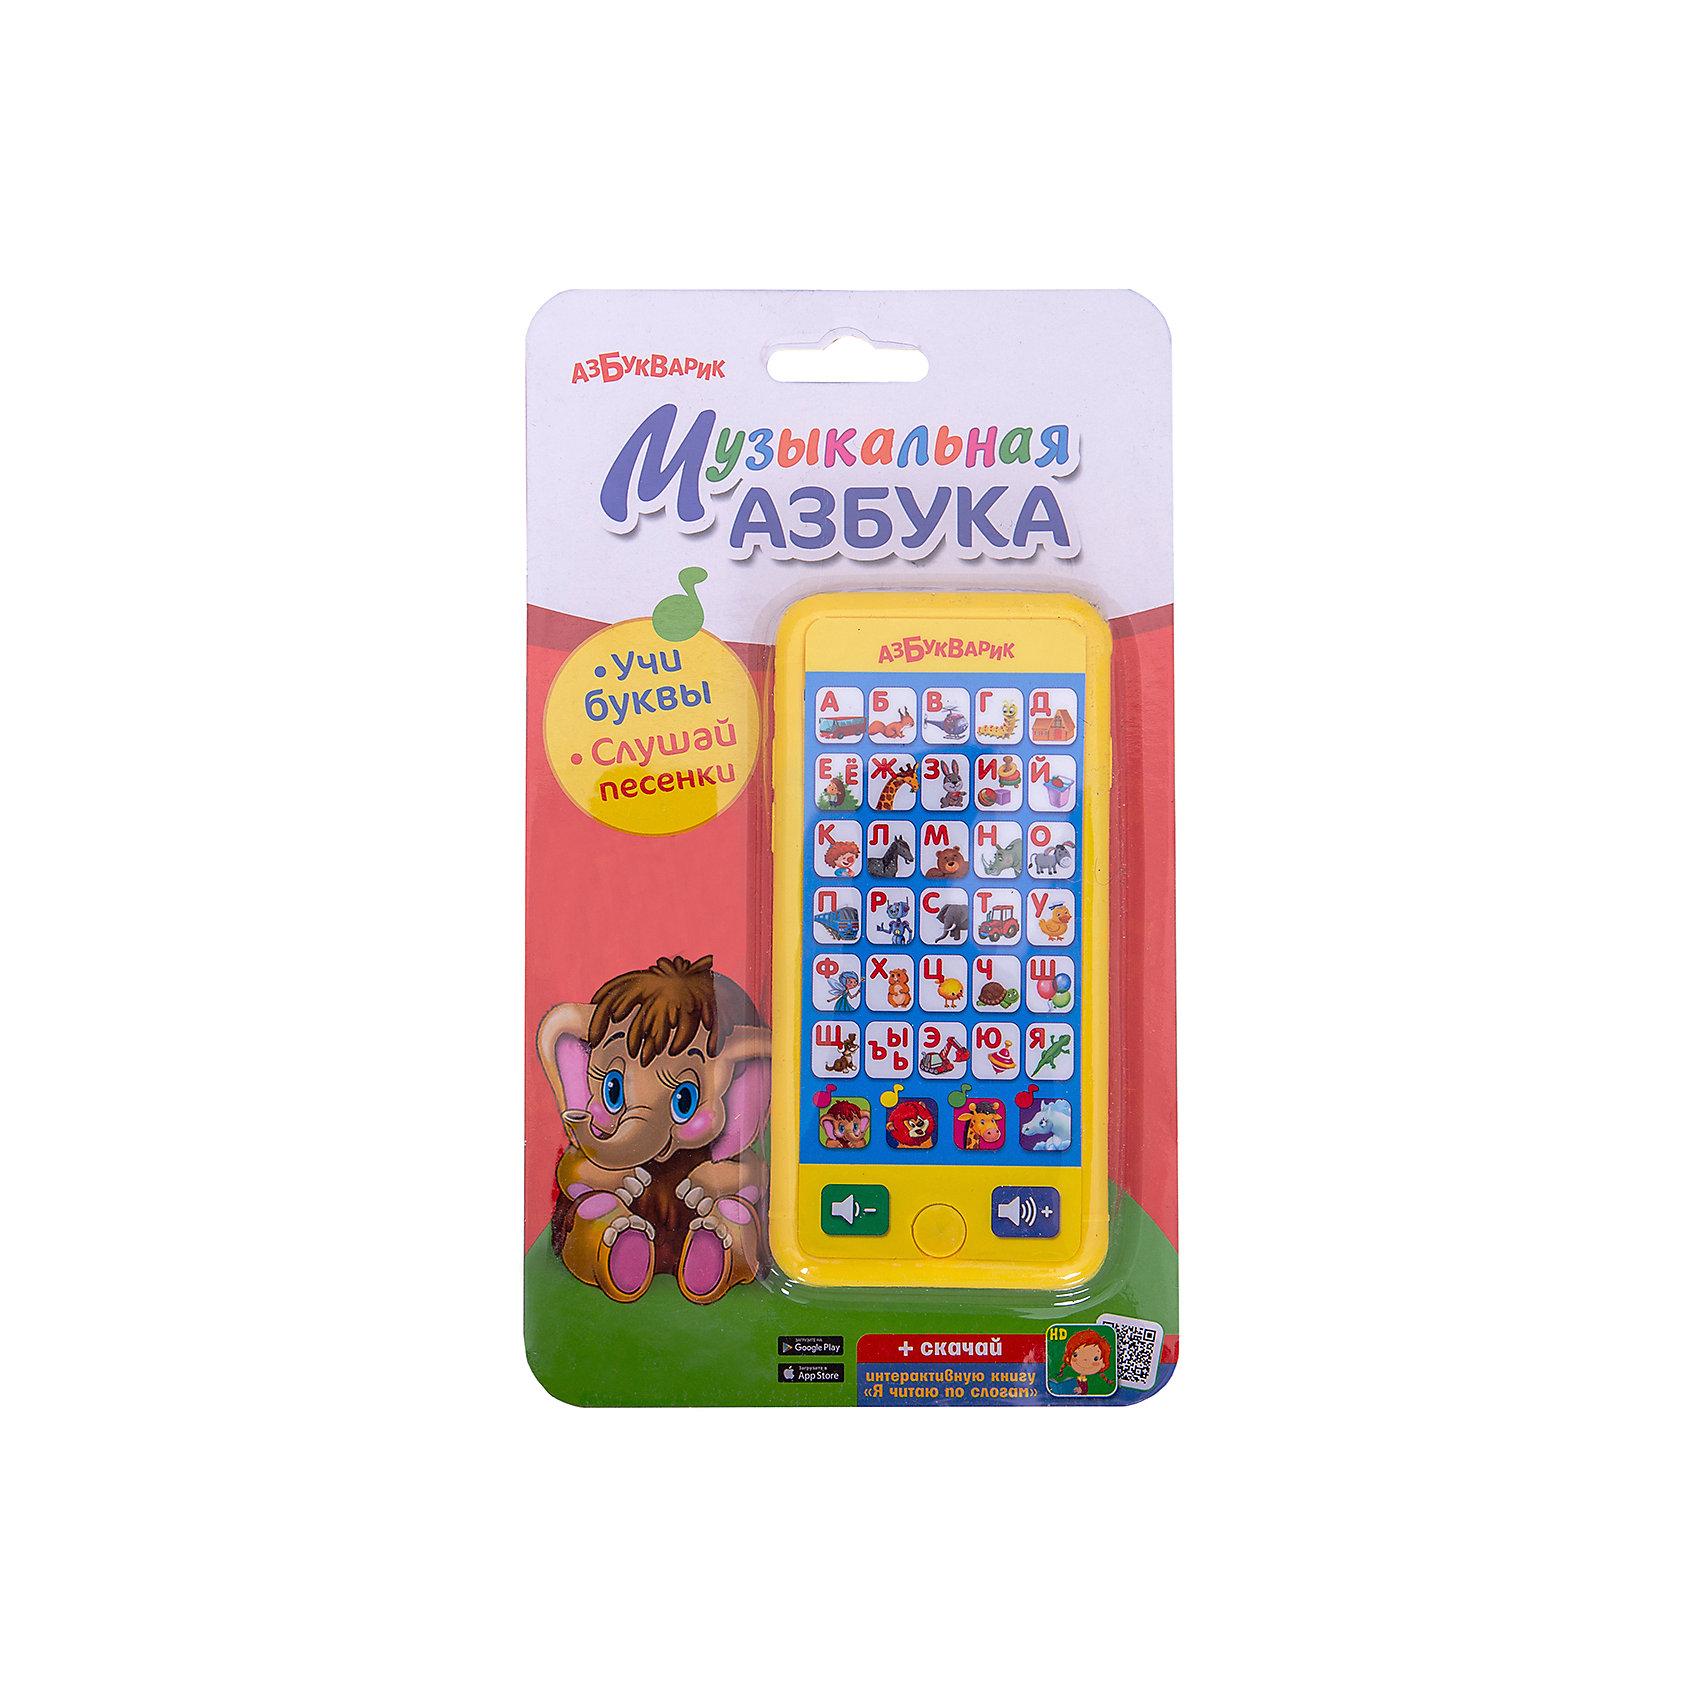 Смартфончик Музыкальная азбука (желтый)Азбукварик<br>Ваш малыш придет в восторг от своего собственного телефона! Это не просто яркая игрушка, с помощью нее ваш ребенок освоит алфавит, ну и, конечно, послушает любимые мелодии. Благодаря небольшому размеру, игрушка поместится даже в кармане: ее можно брать с собой куда угодно - любимые мелодии и сюжеты всегда будут рядом!<br><br>Дополнительная информация:<br><br>- Материал: пластик.<br>- Размер: 7 х 13,5 см.<br>- Алфавит и 4 песенки.<br>- Элемент питания: батарейки ААА (в комплекте).<br>- Цвет: желтый.<br><br>Музыкальную азбуку (желтую), Азбукварик, можно купить в нашем магазине.<br><br>Ширина мм: 222<br>Глубина мм: 15<br>Высота мм: 130<br>Вес г: 115<br>Возраст от месяцев: 24<br>Возраст до месяцев: 60<br>Пол: Унисекс<br>Возраст: Детский<br>SKU: 4288907